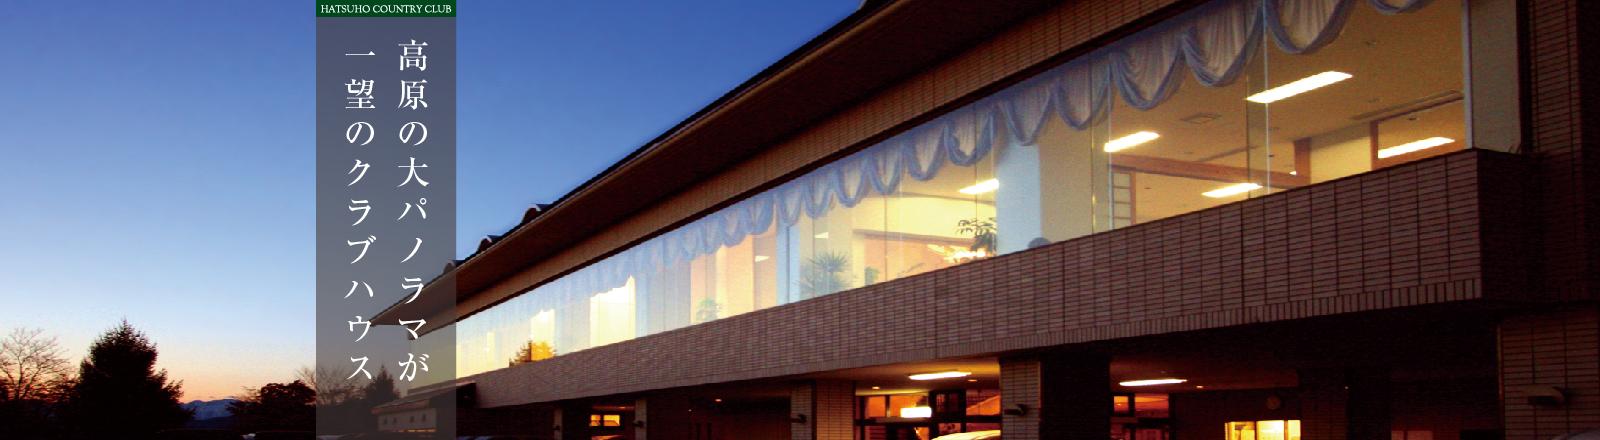 クラブハウス|高原の大パノラマが一望のクラブハウス